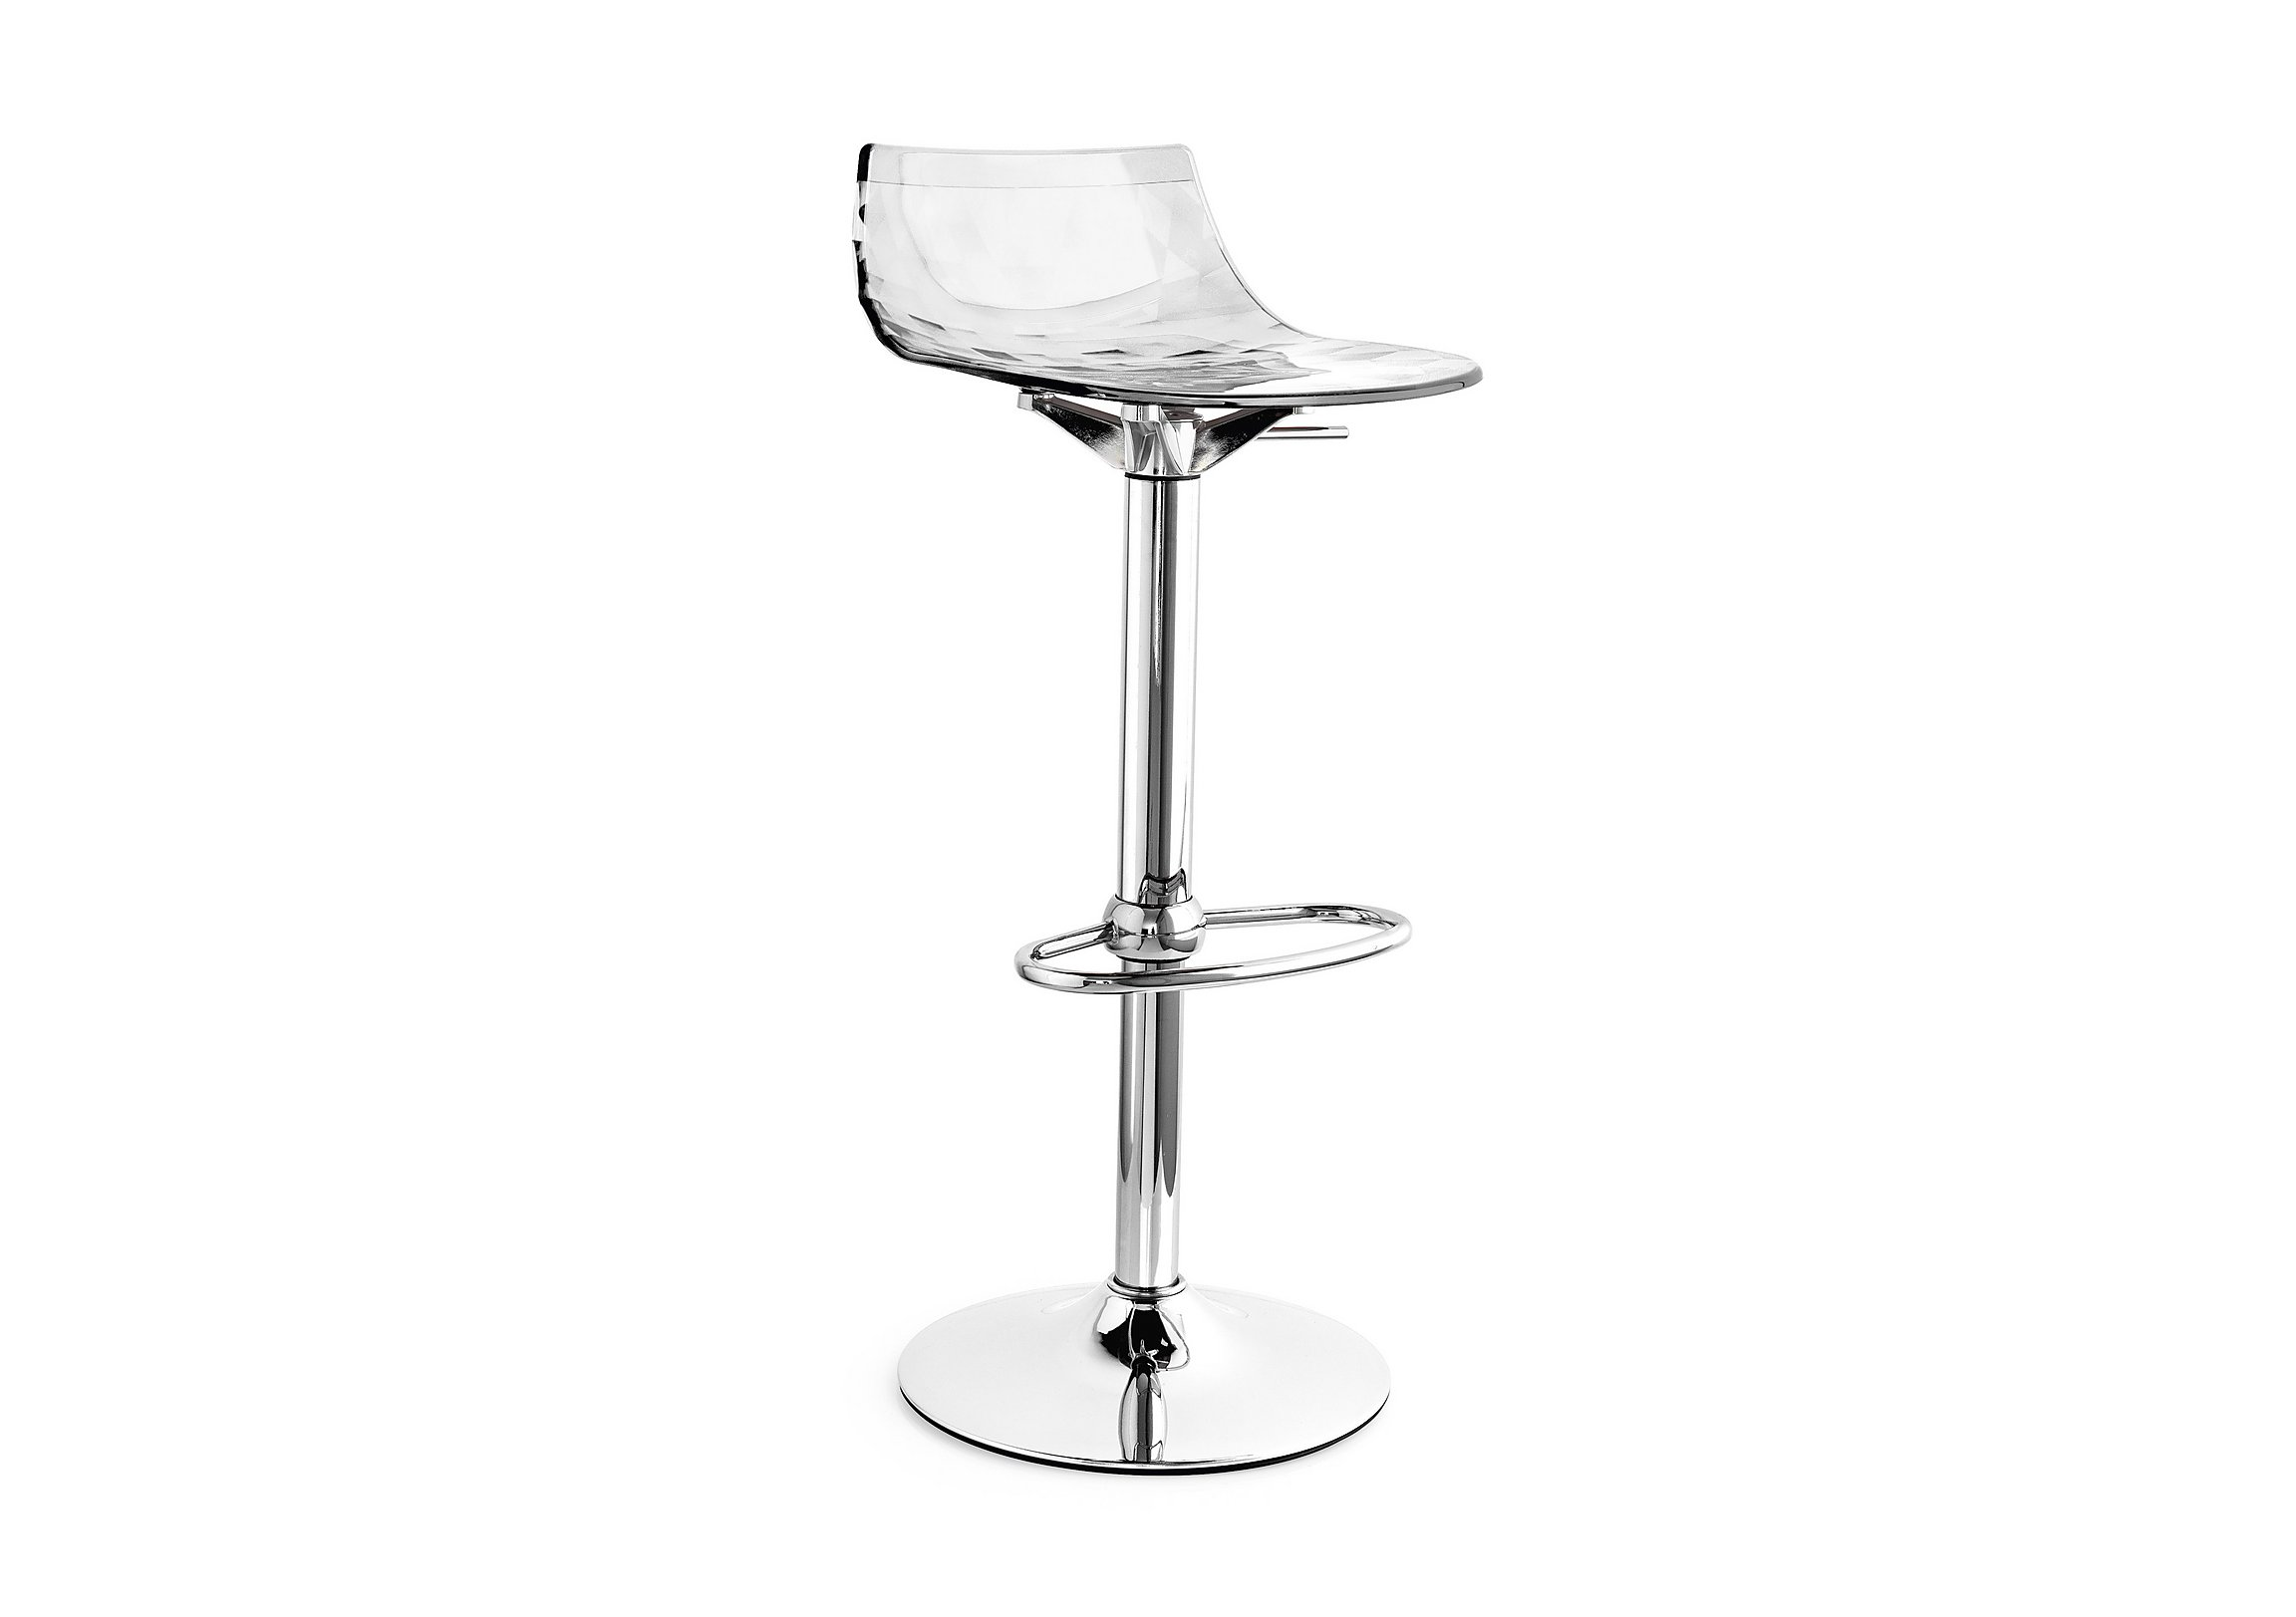 ice bar stool  calligaris  furniture village - calligaris ice bar stool